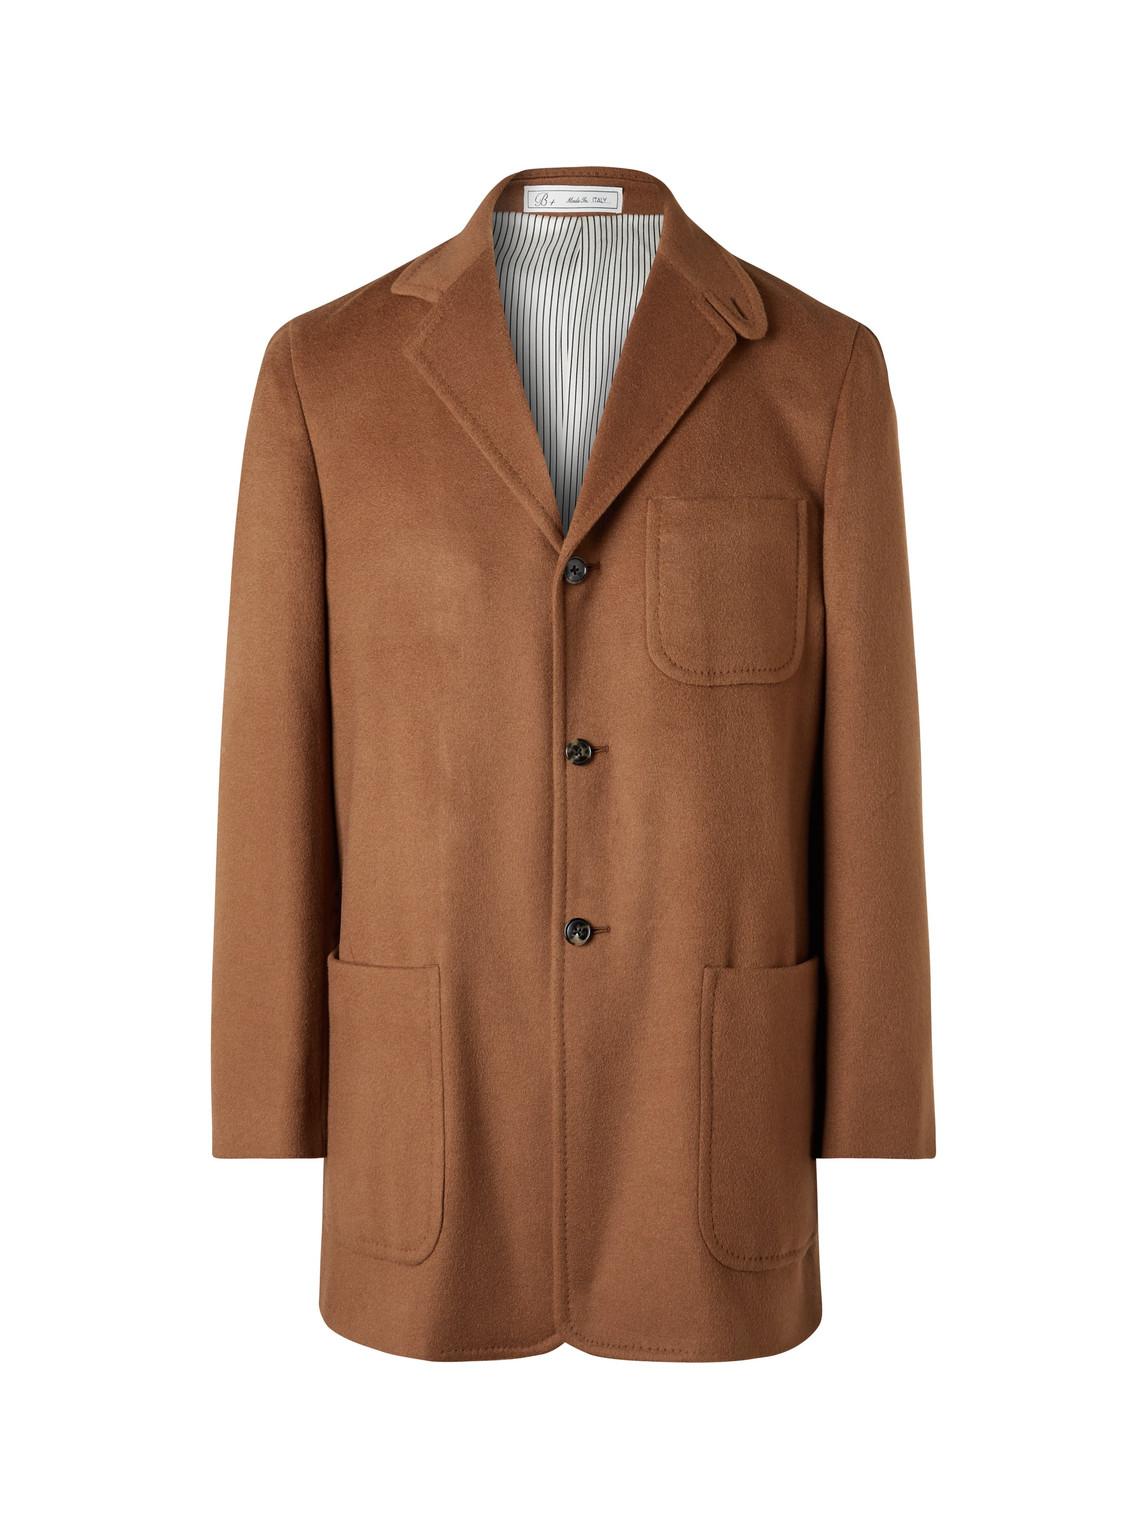 umit benan b - cashmere jacket - men - brown - it 48